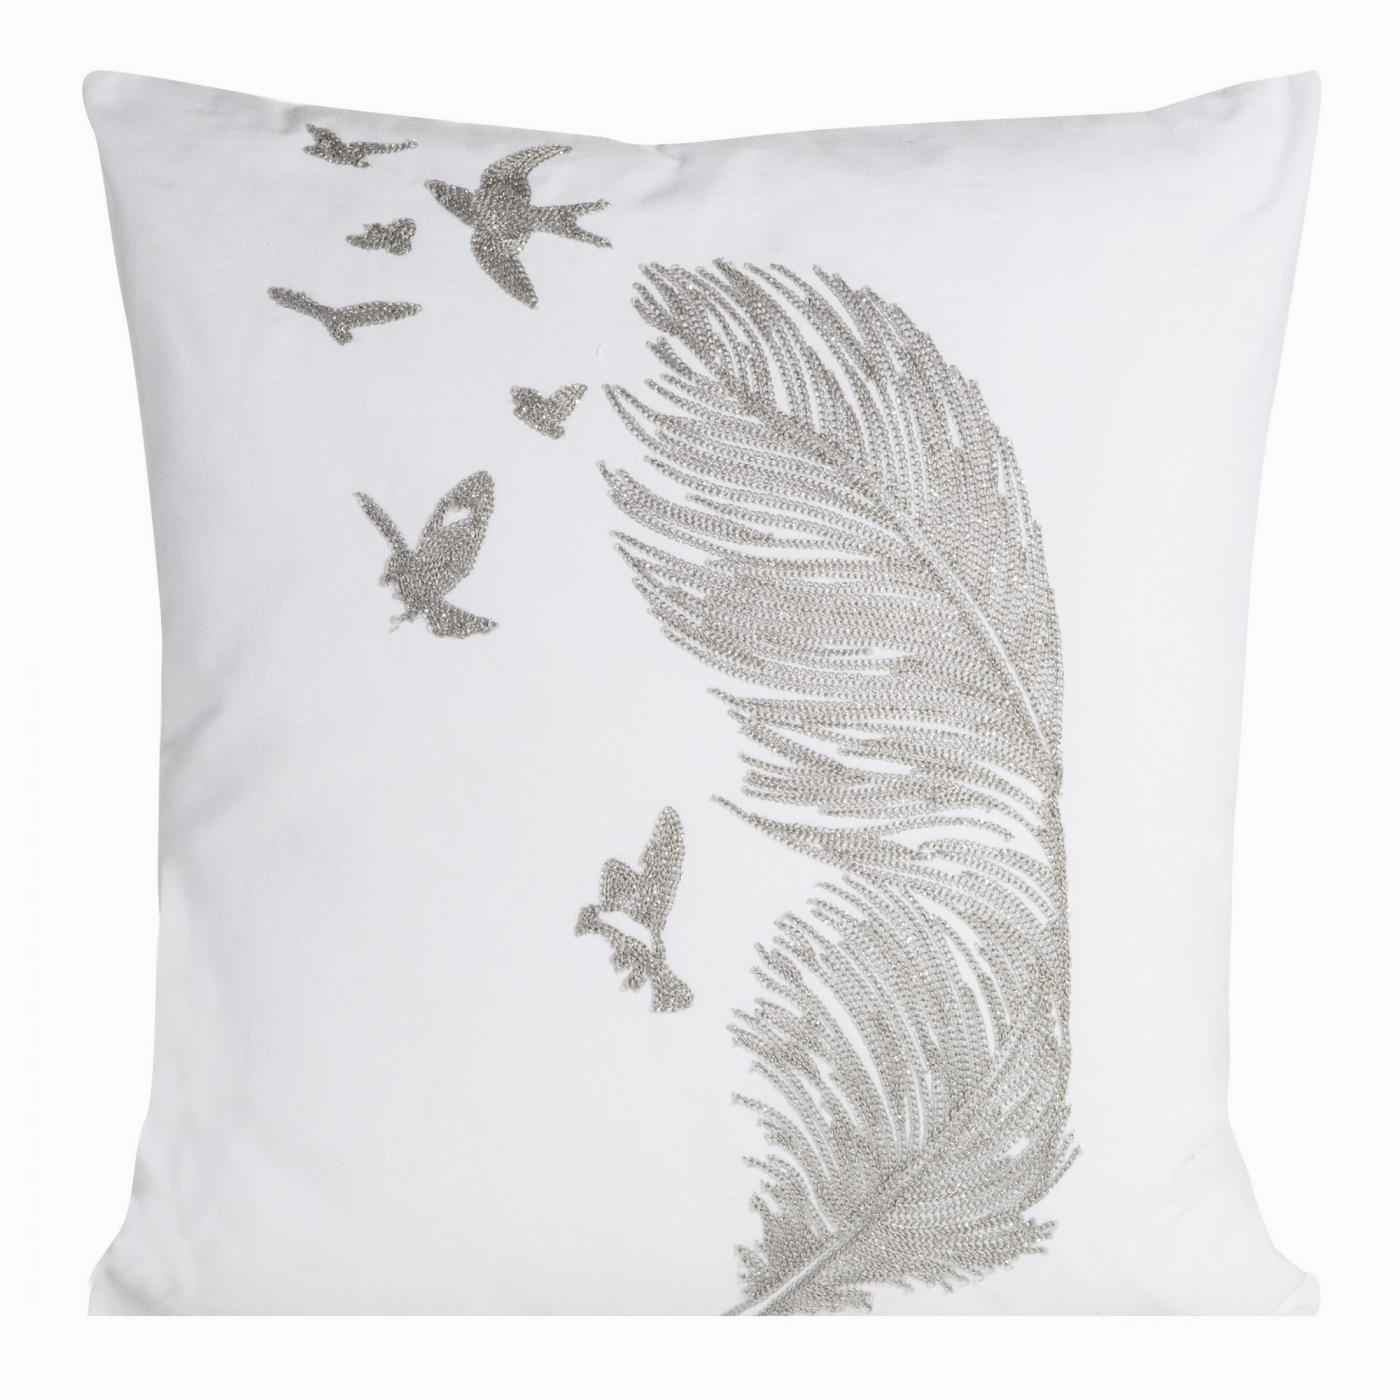 Poszewka na poduszkę 45 x 45 cm biała ze srebrnym piórem